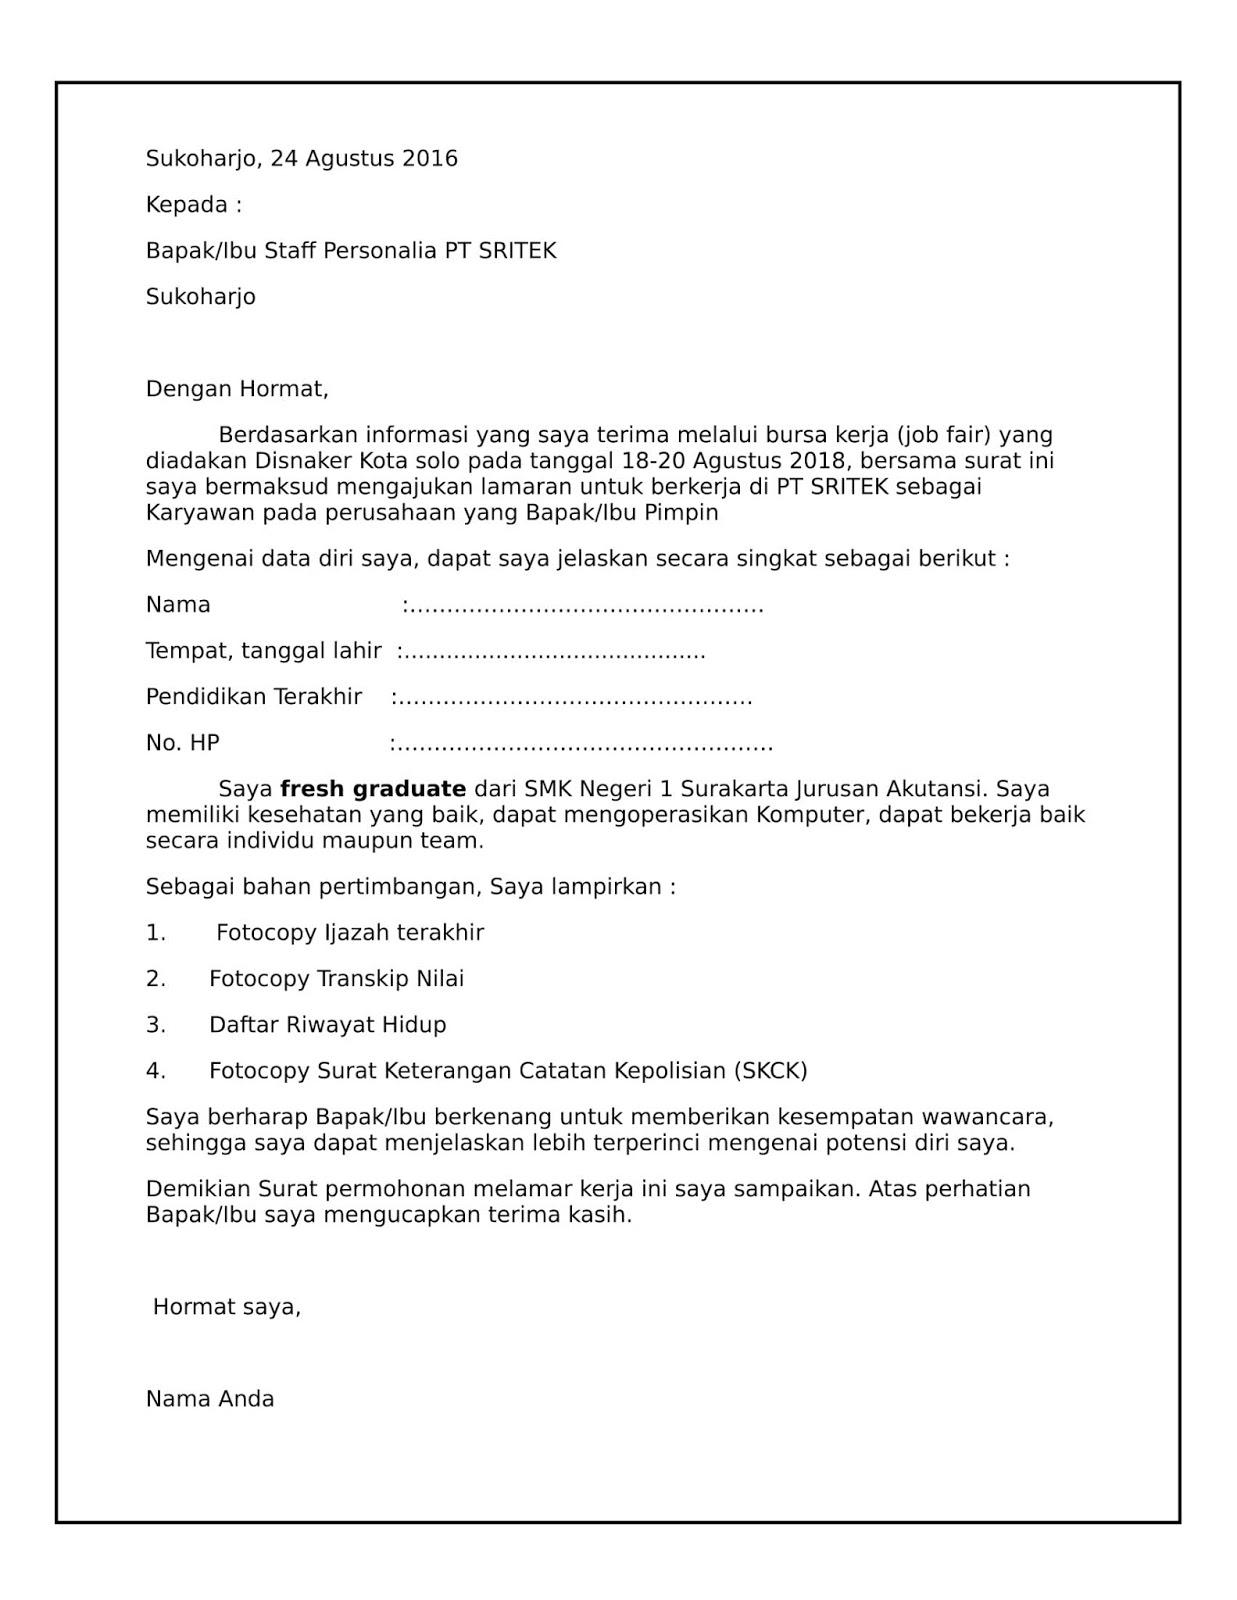 Contoh Surat Lamaran Kerja Di PT atau Pabrik yang paling ...